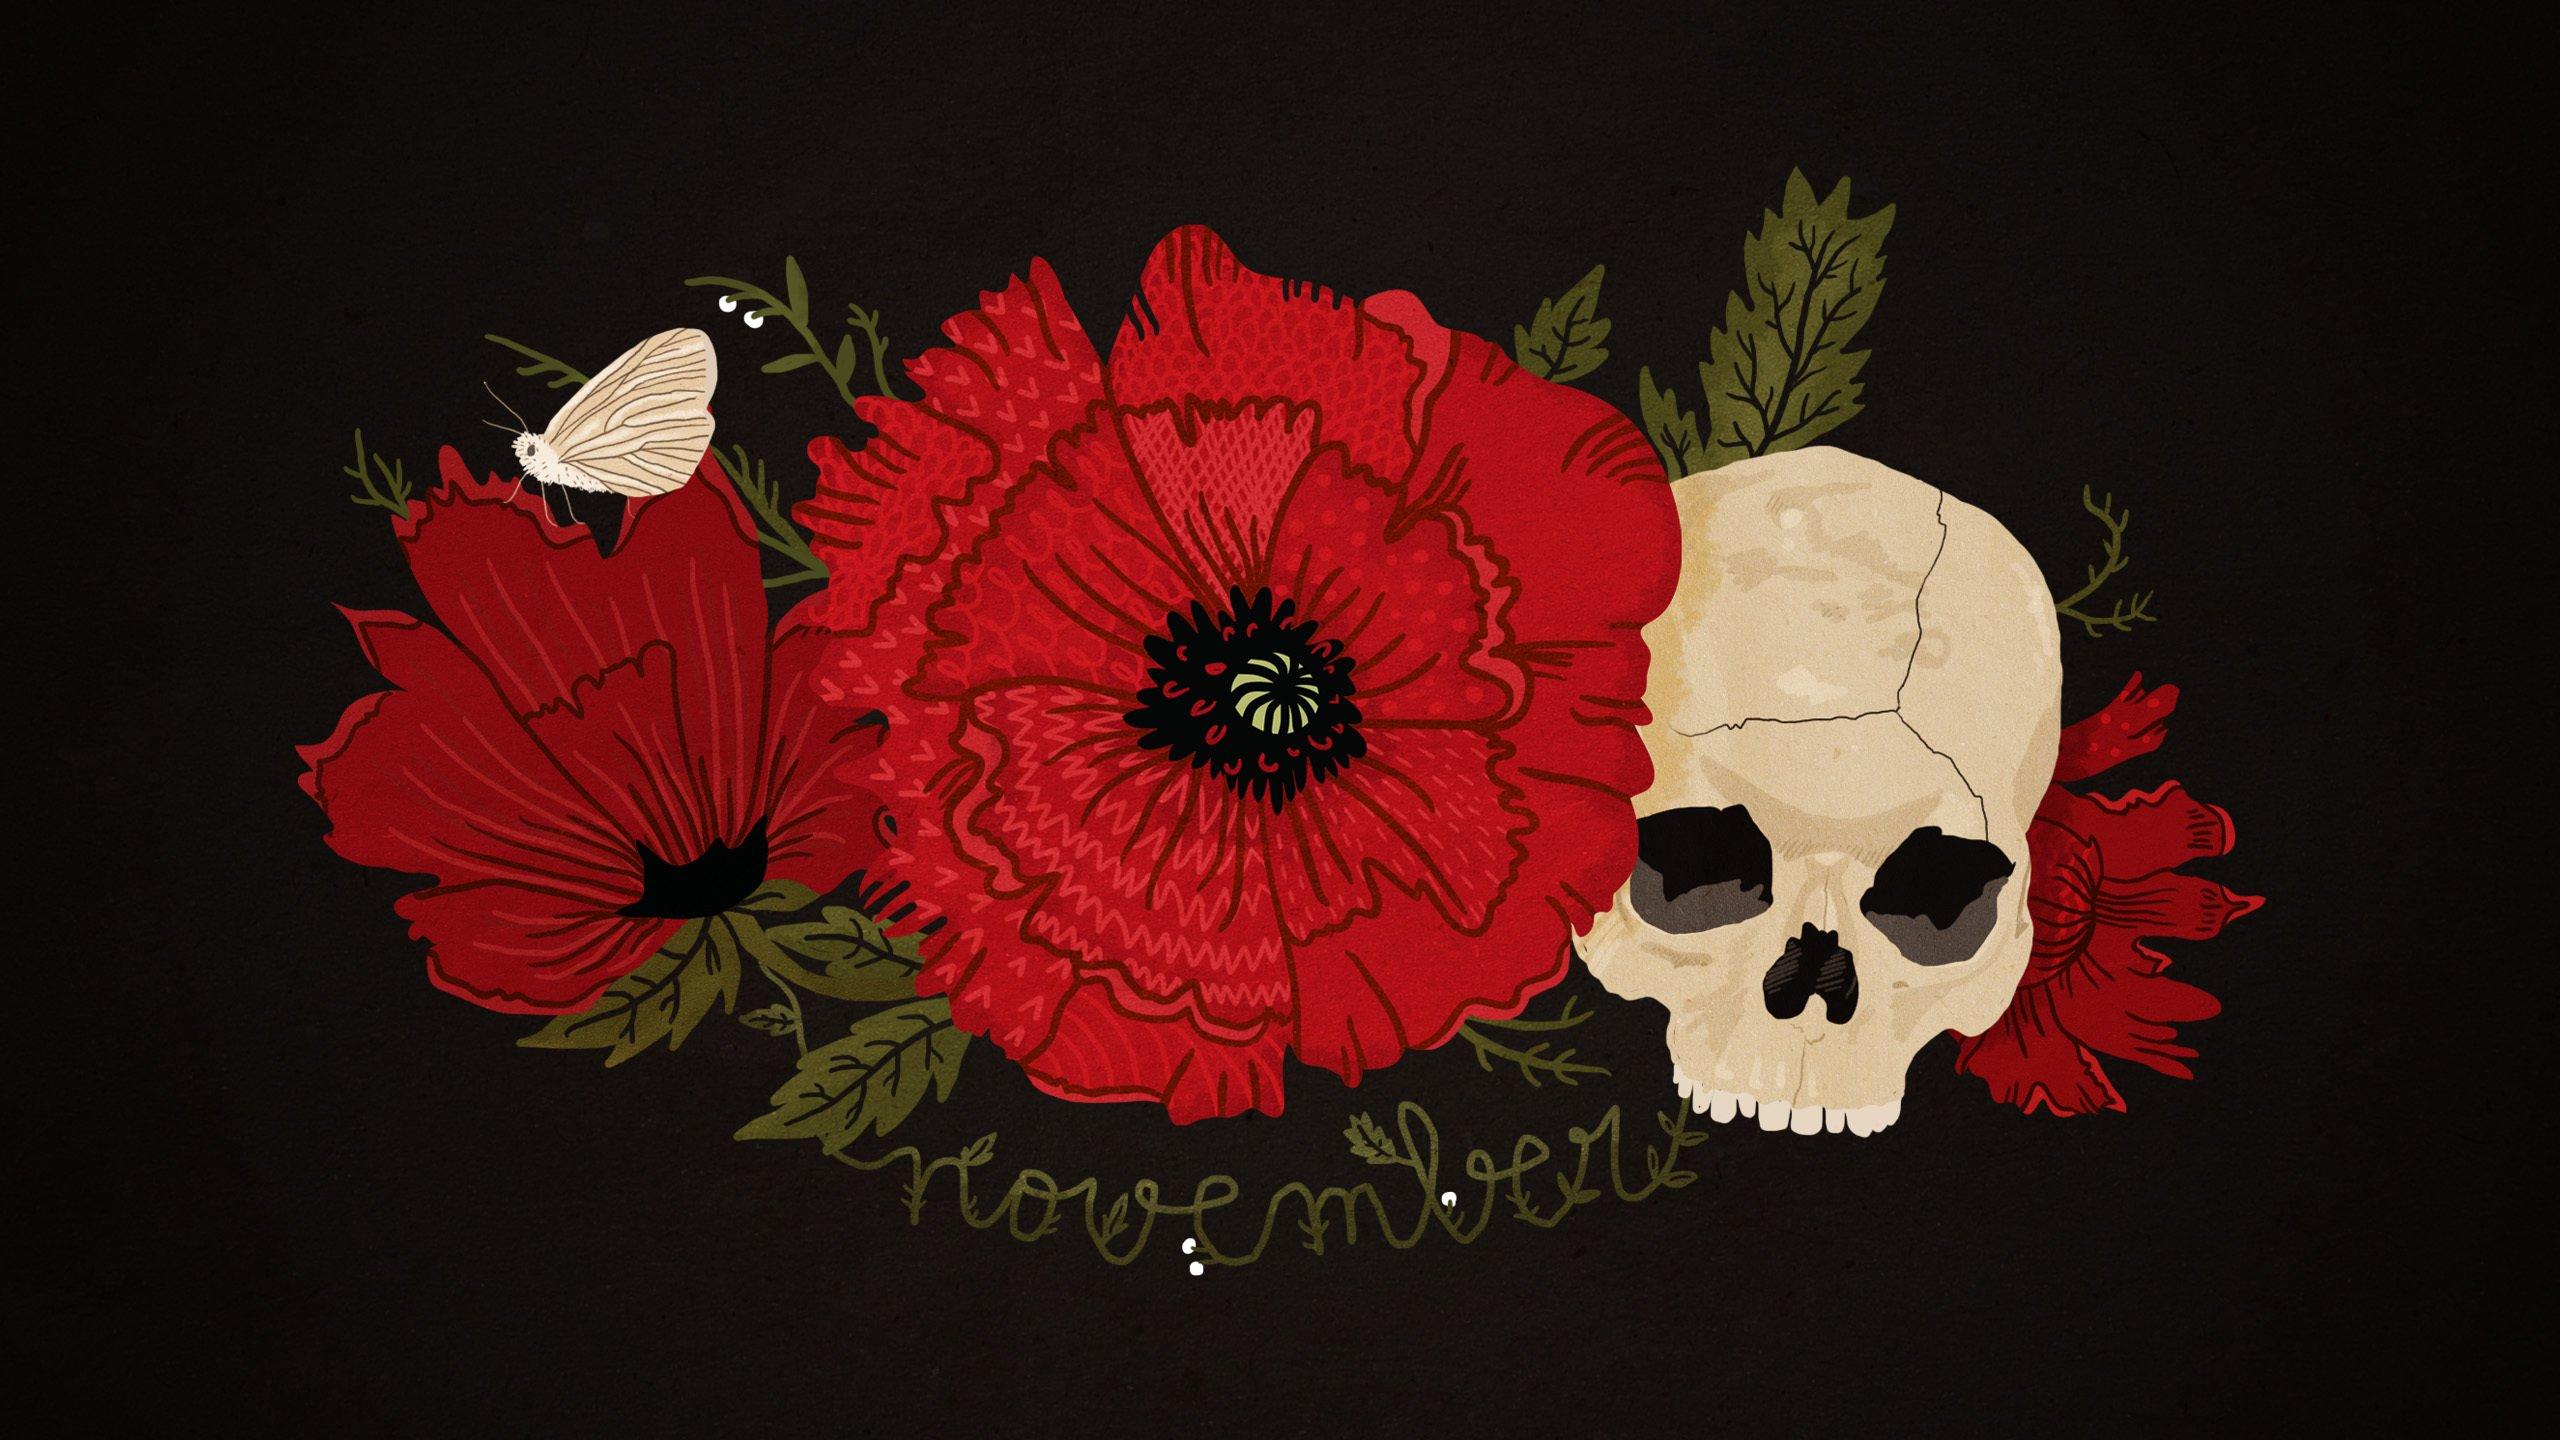 Black red poppy skull butterfly flower November wallpaper 2560x1440